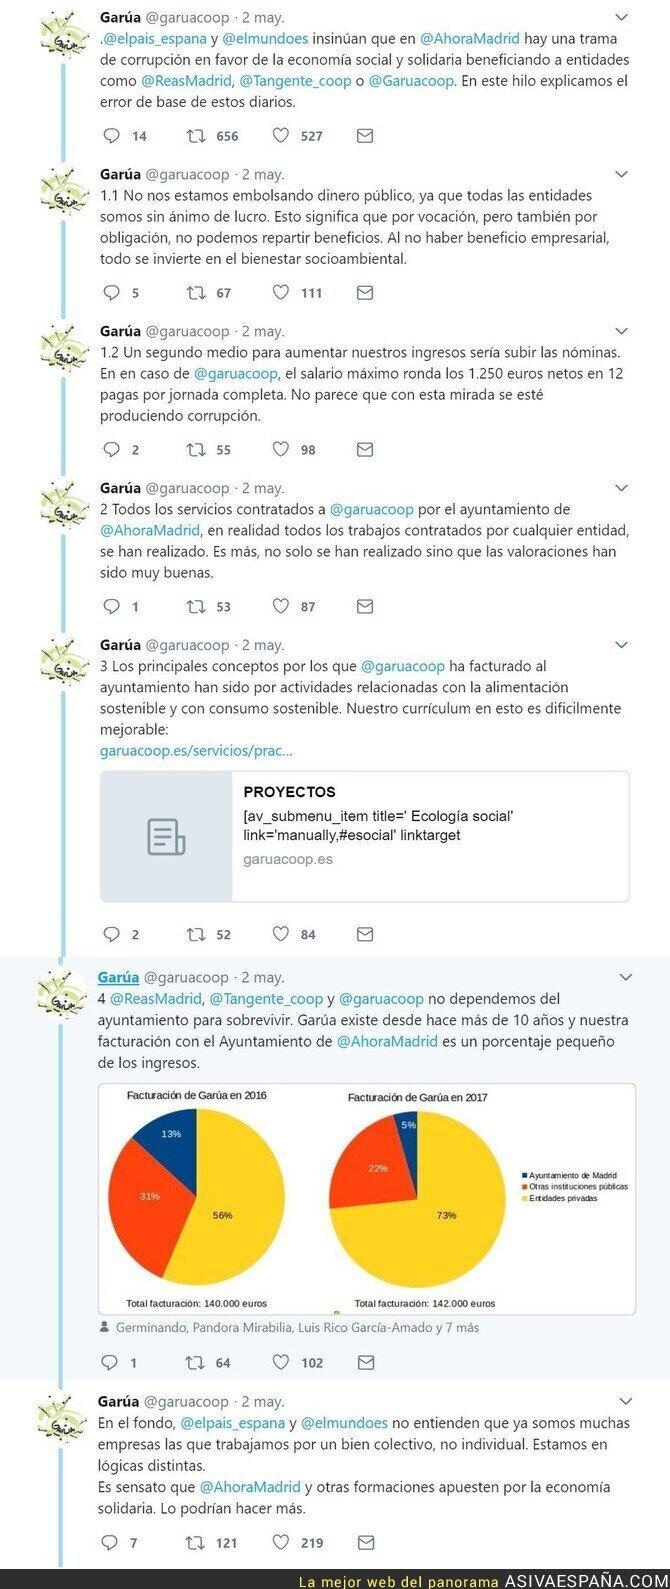 86424 - Desmontando las mentiras y acusaciones de tramas clientelares contra Ahora Madrid